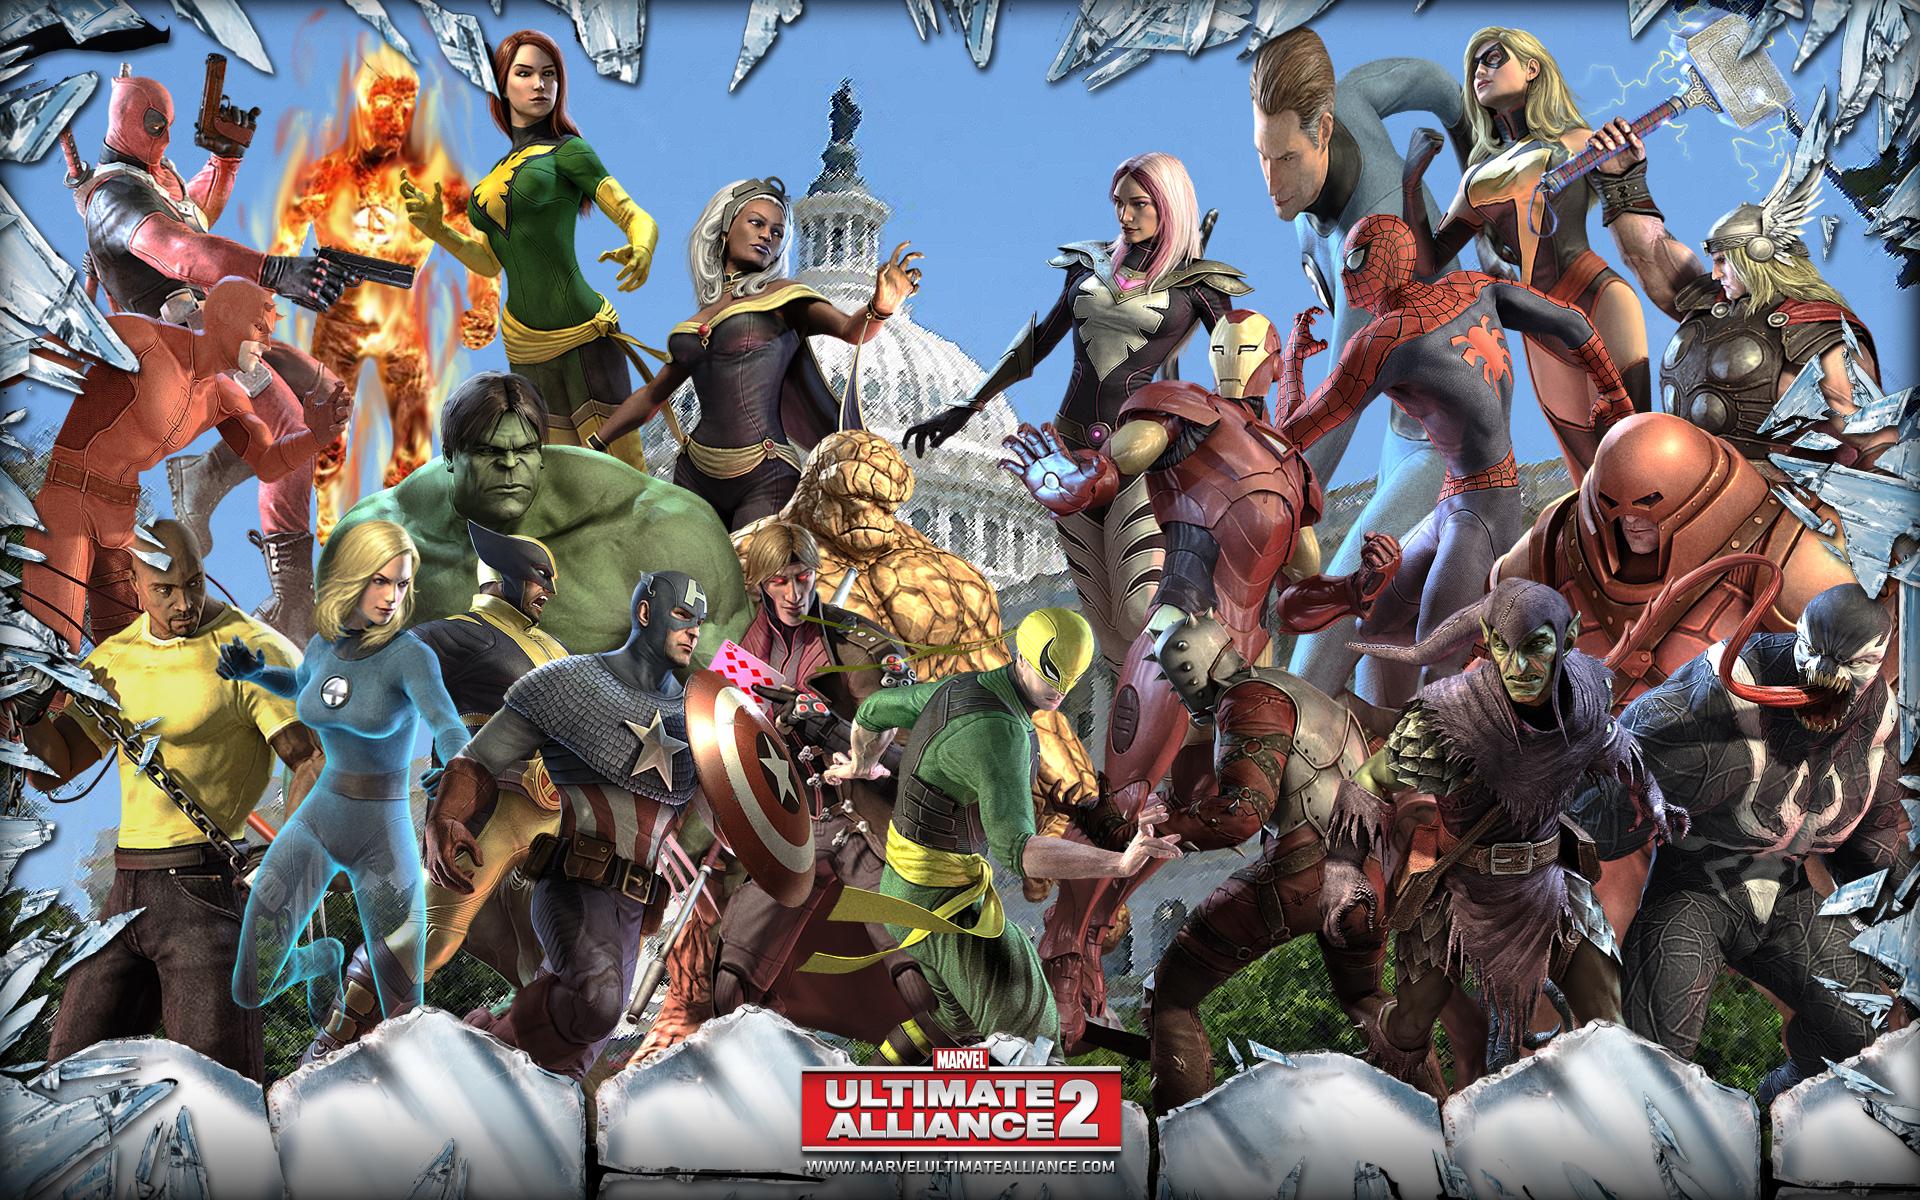 Marvel Ultimate Alliance 2 Wallpaper 218417